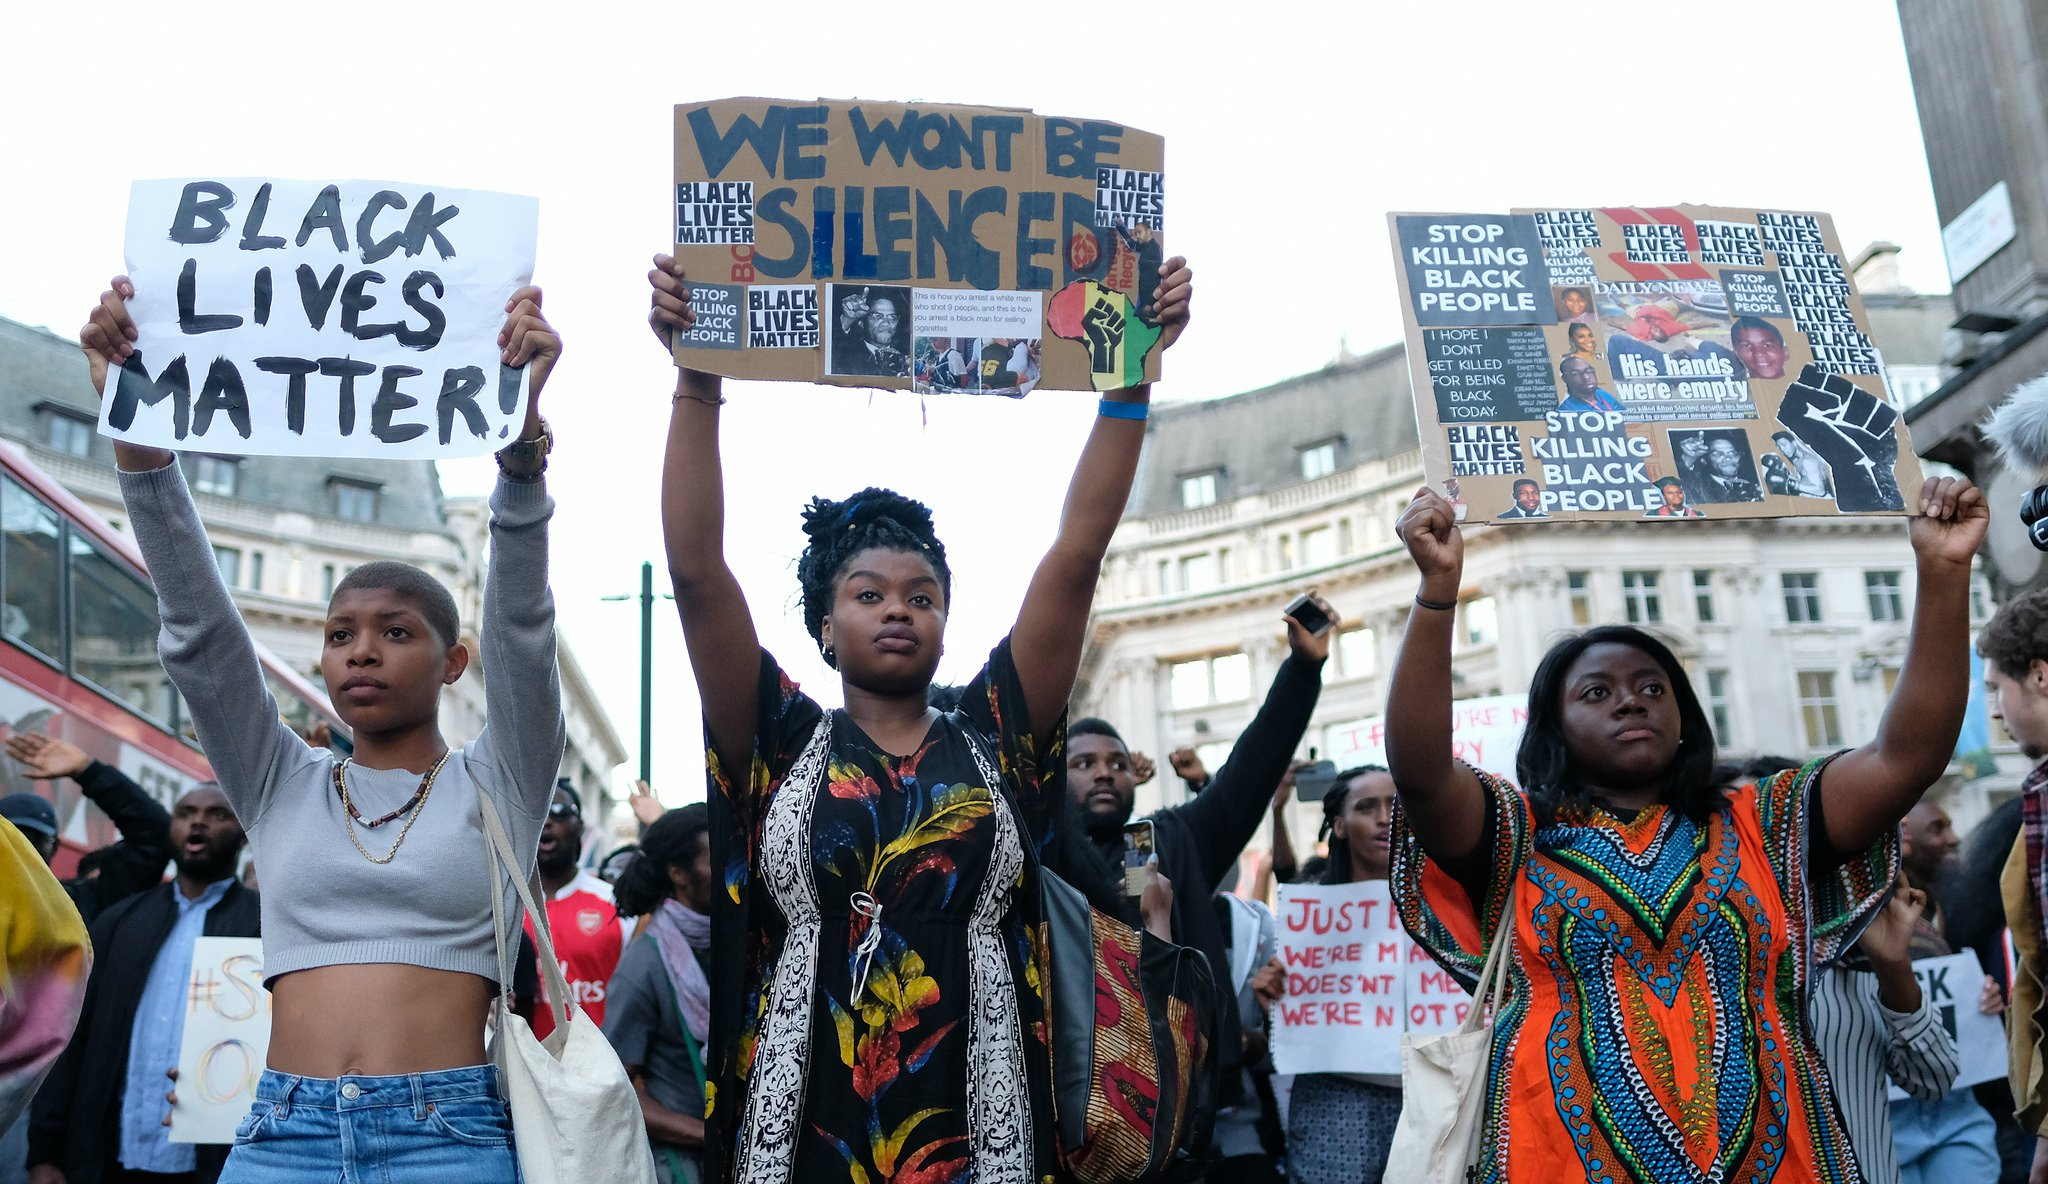 Black Lives matter Flickr